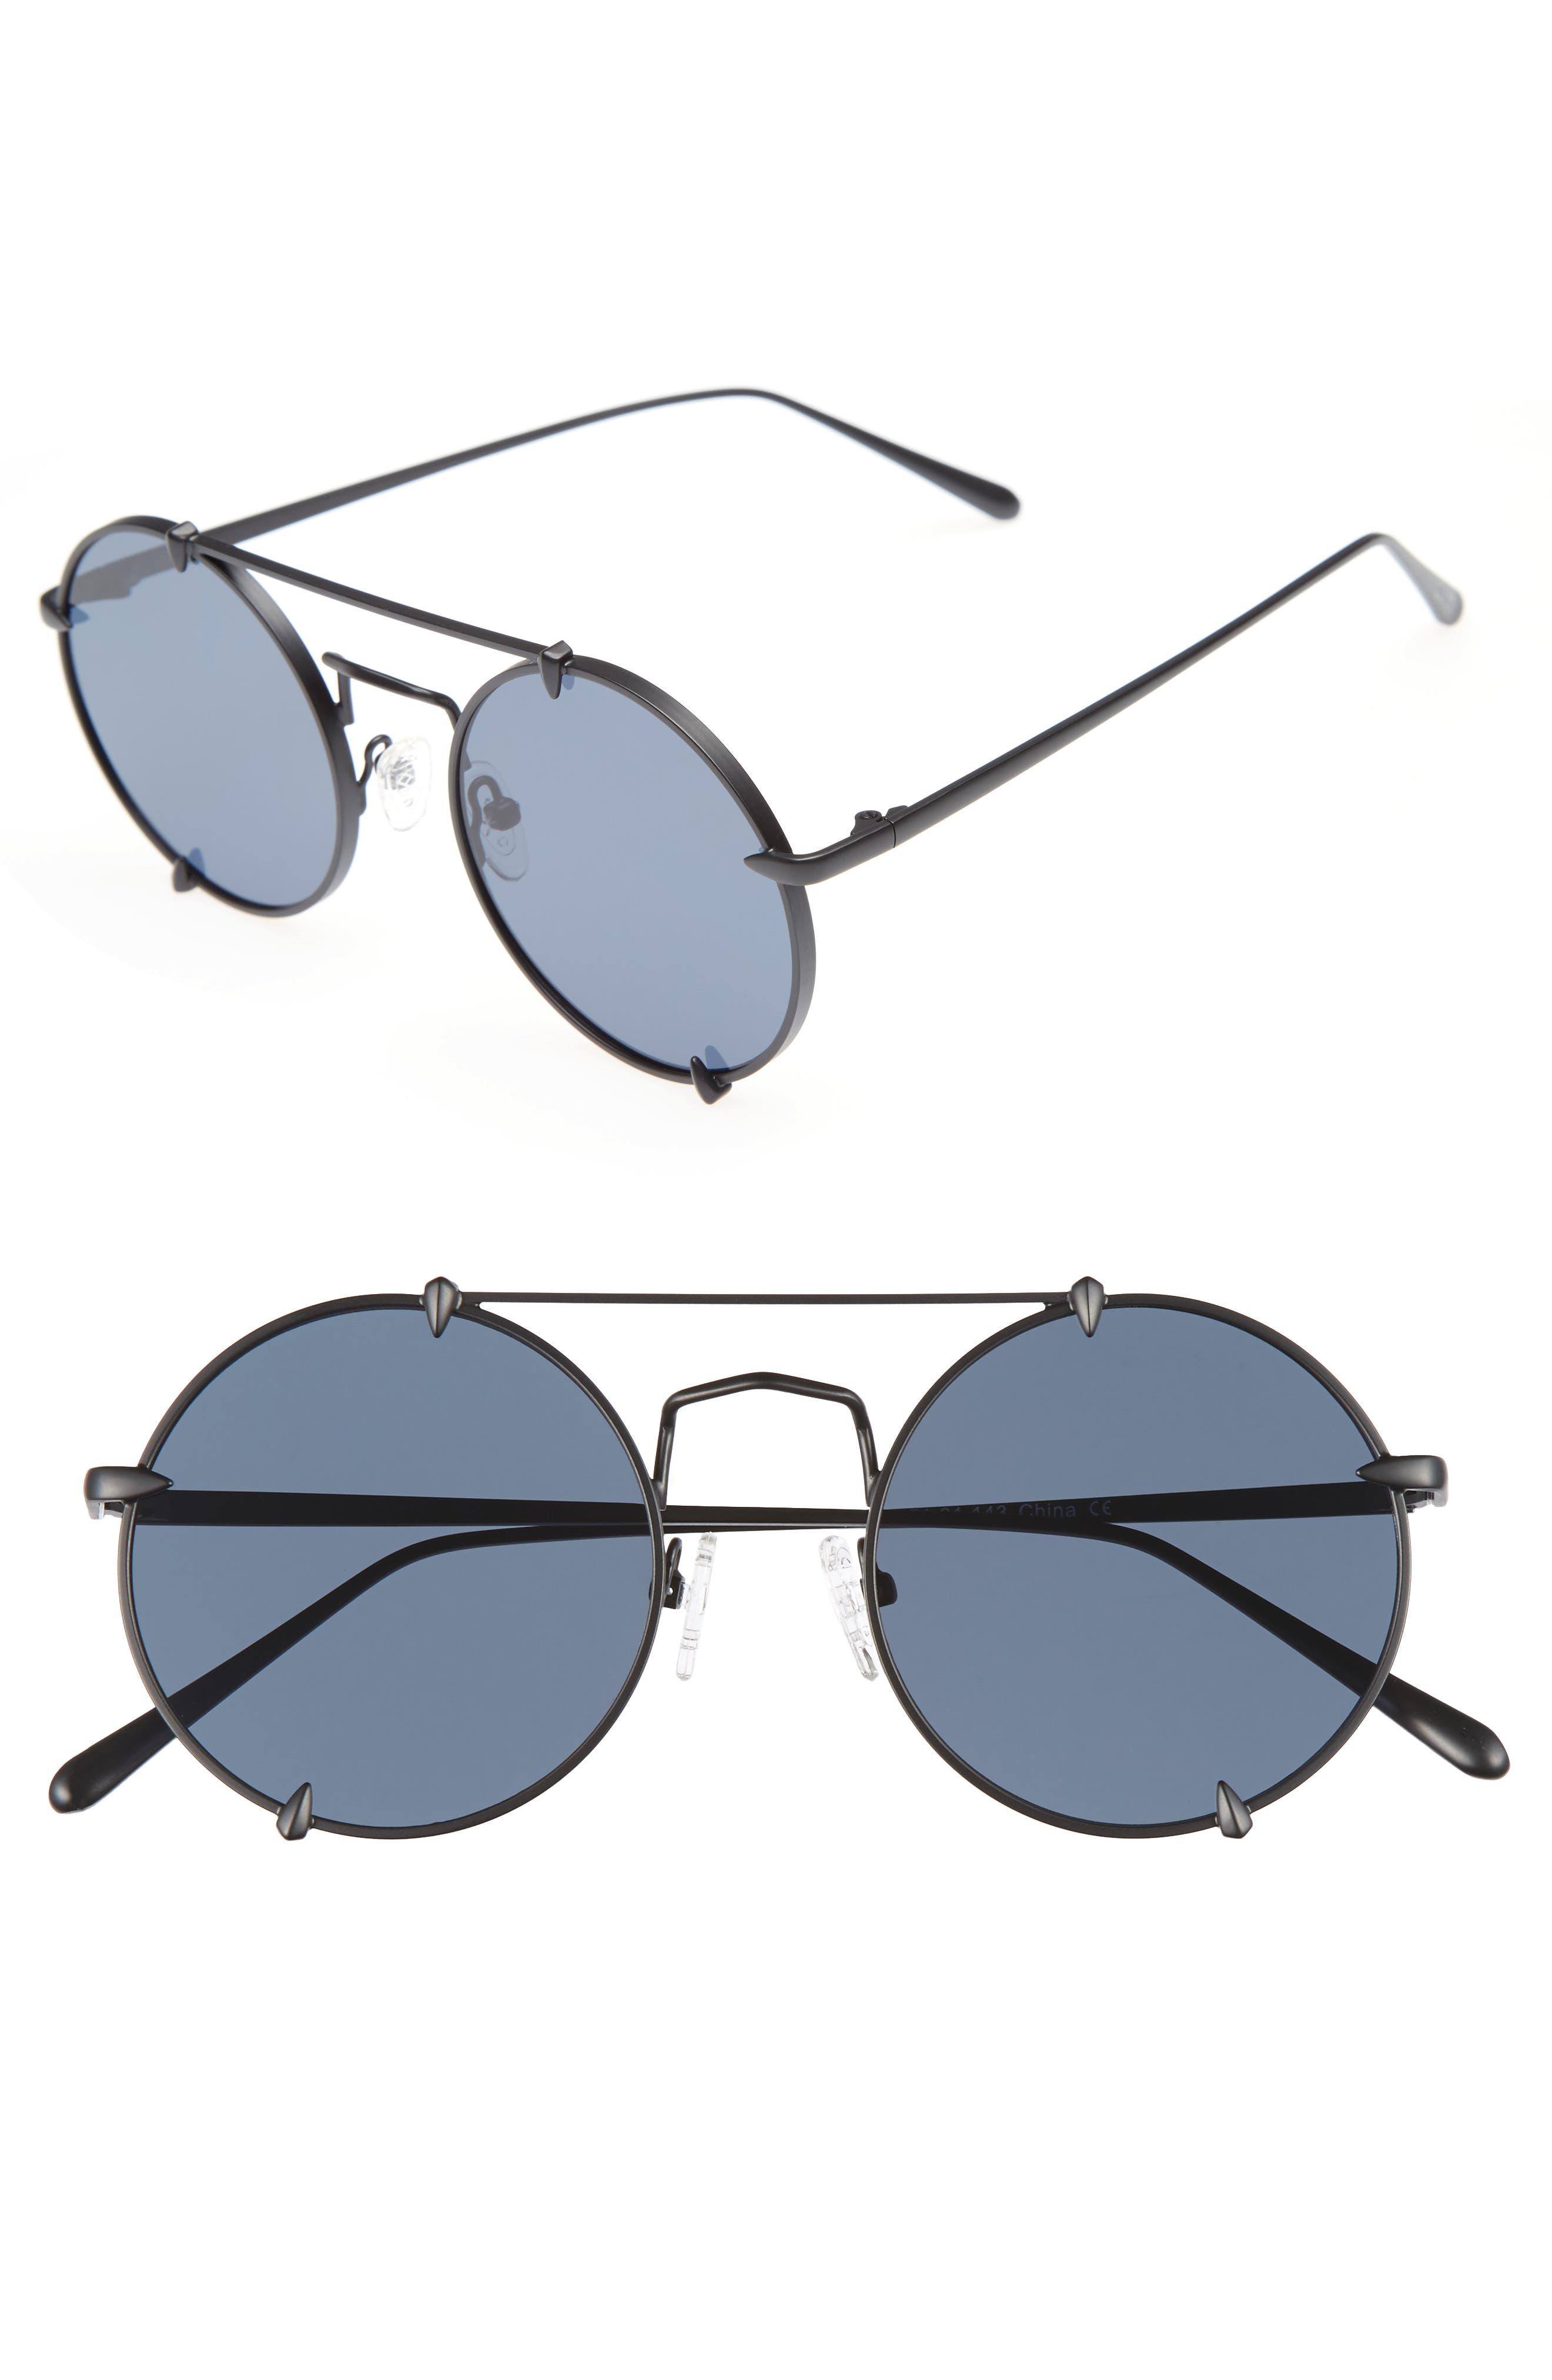 Bonnie Clide Pico 51mm Round Browbar Sunglasses